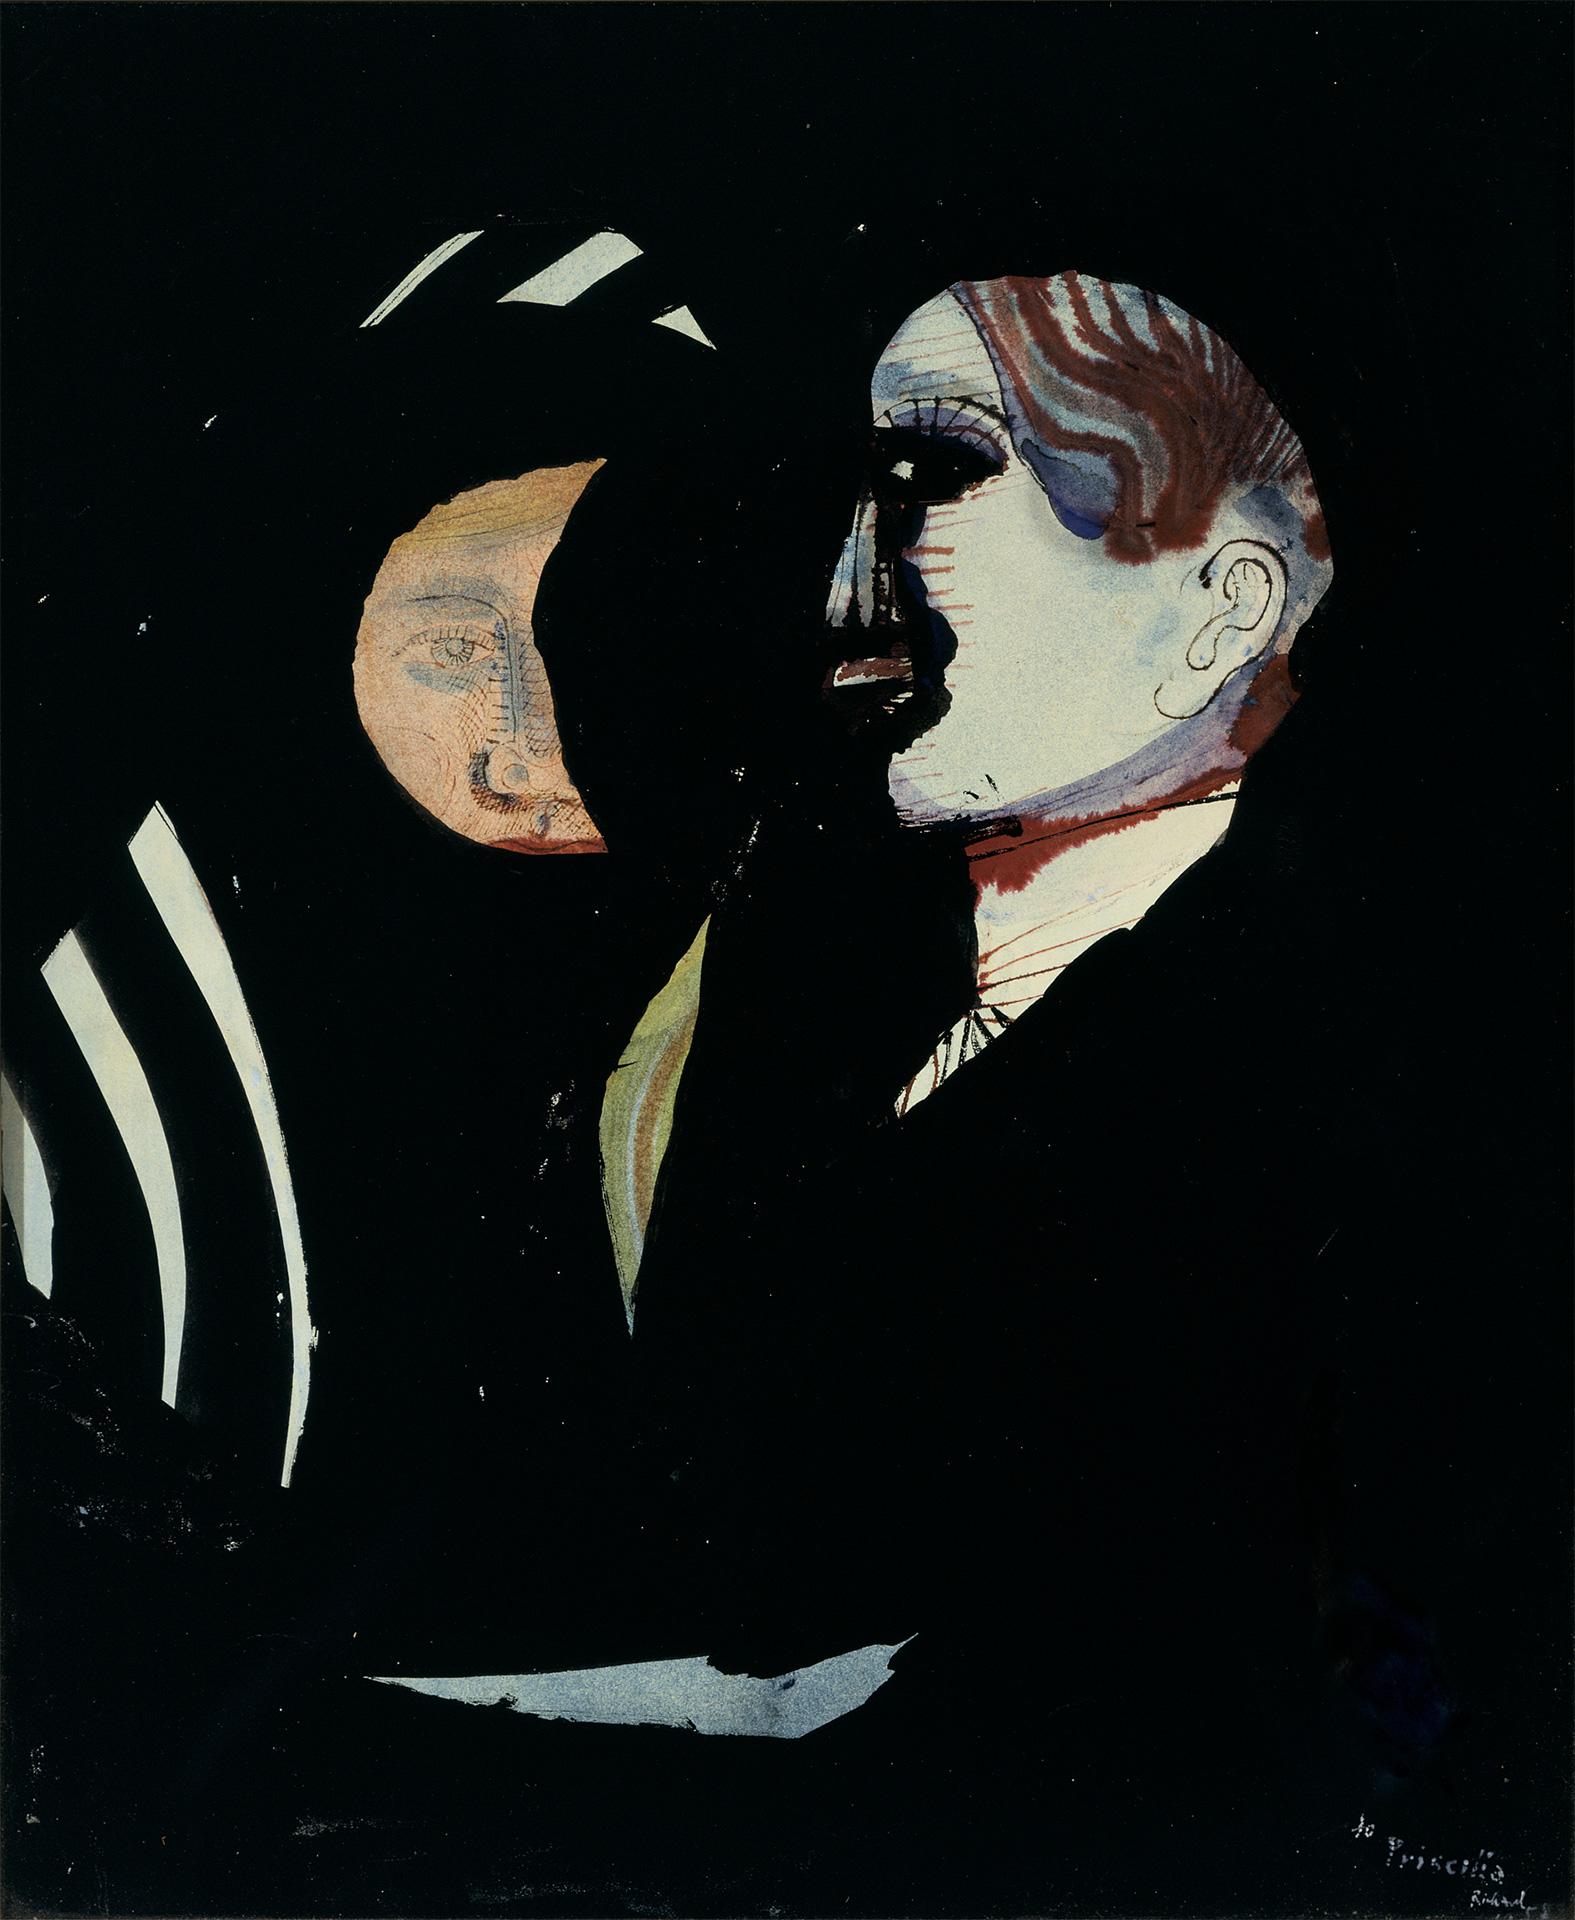 Untitled (To Priscilla), 1958